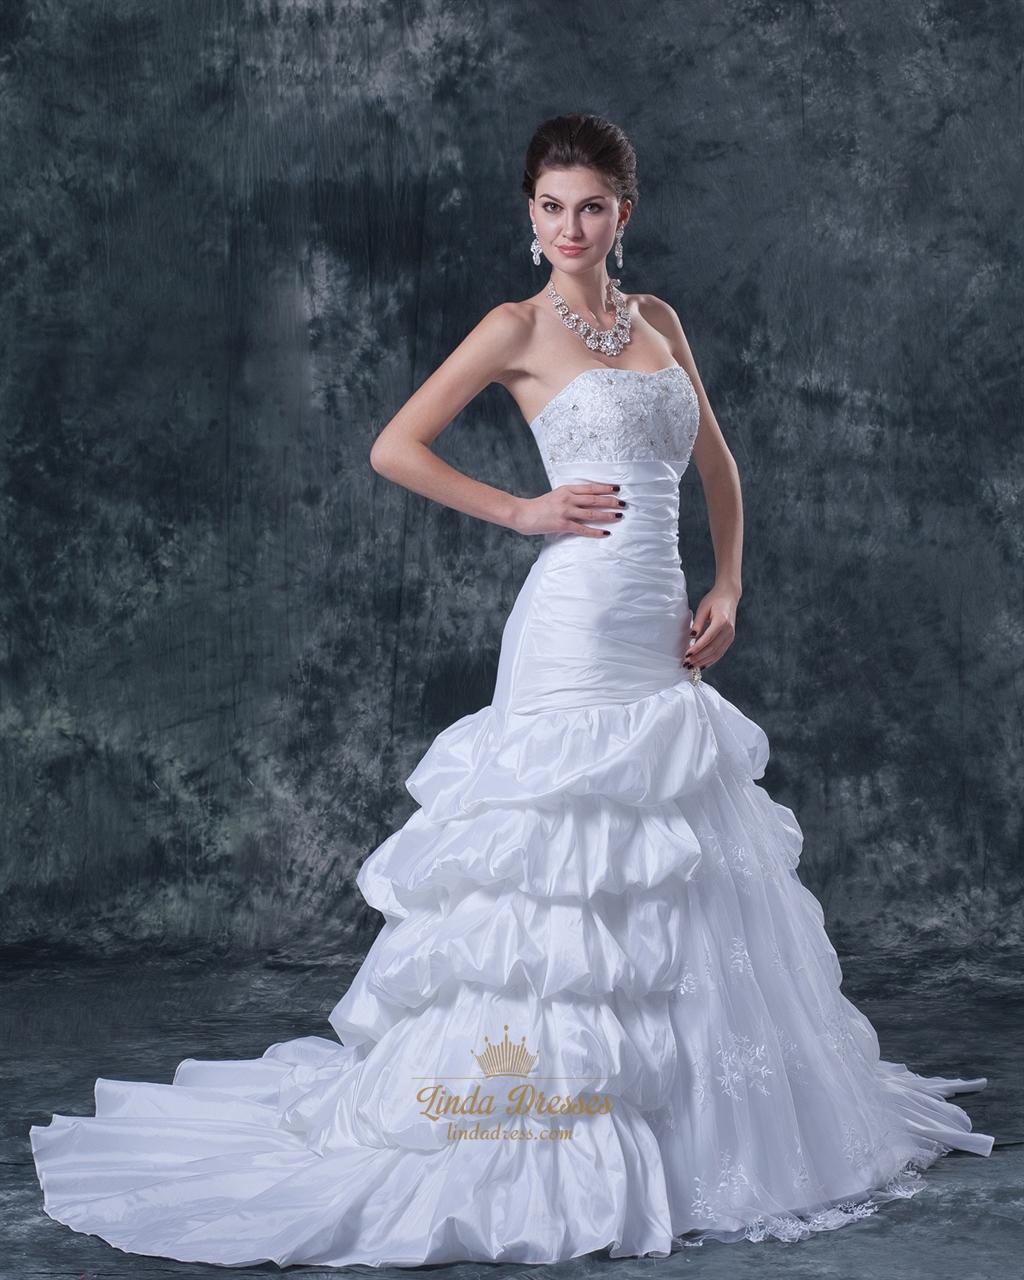 White Taffeta Layered Skirt Strapless Mermaid Wedding Gown